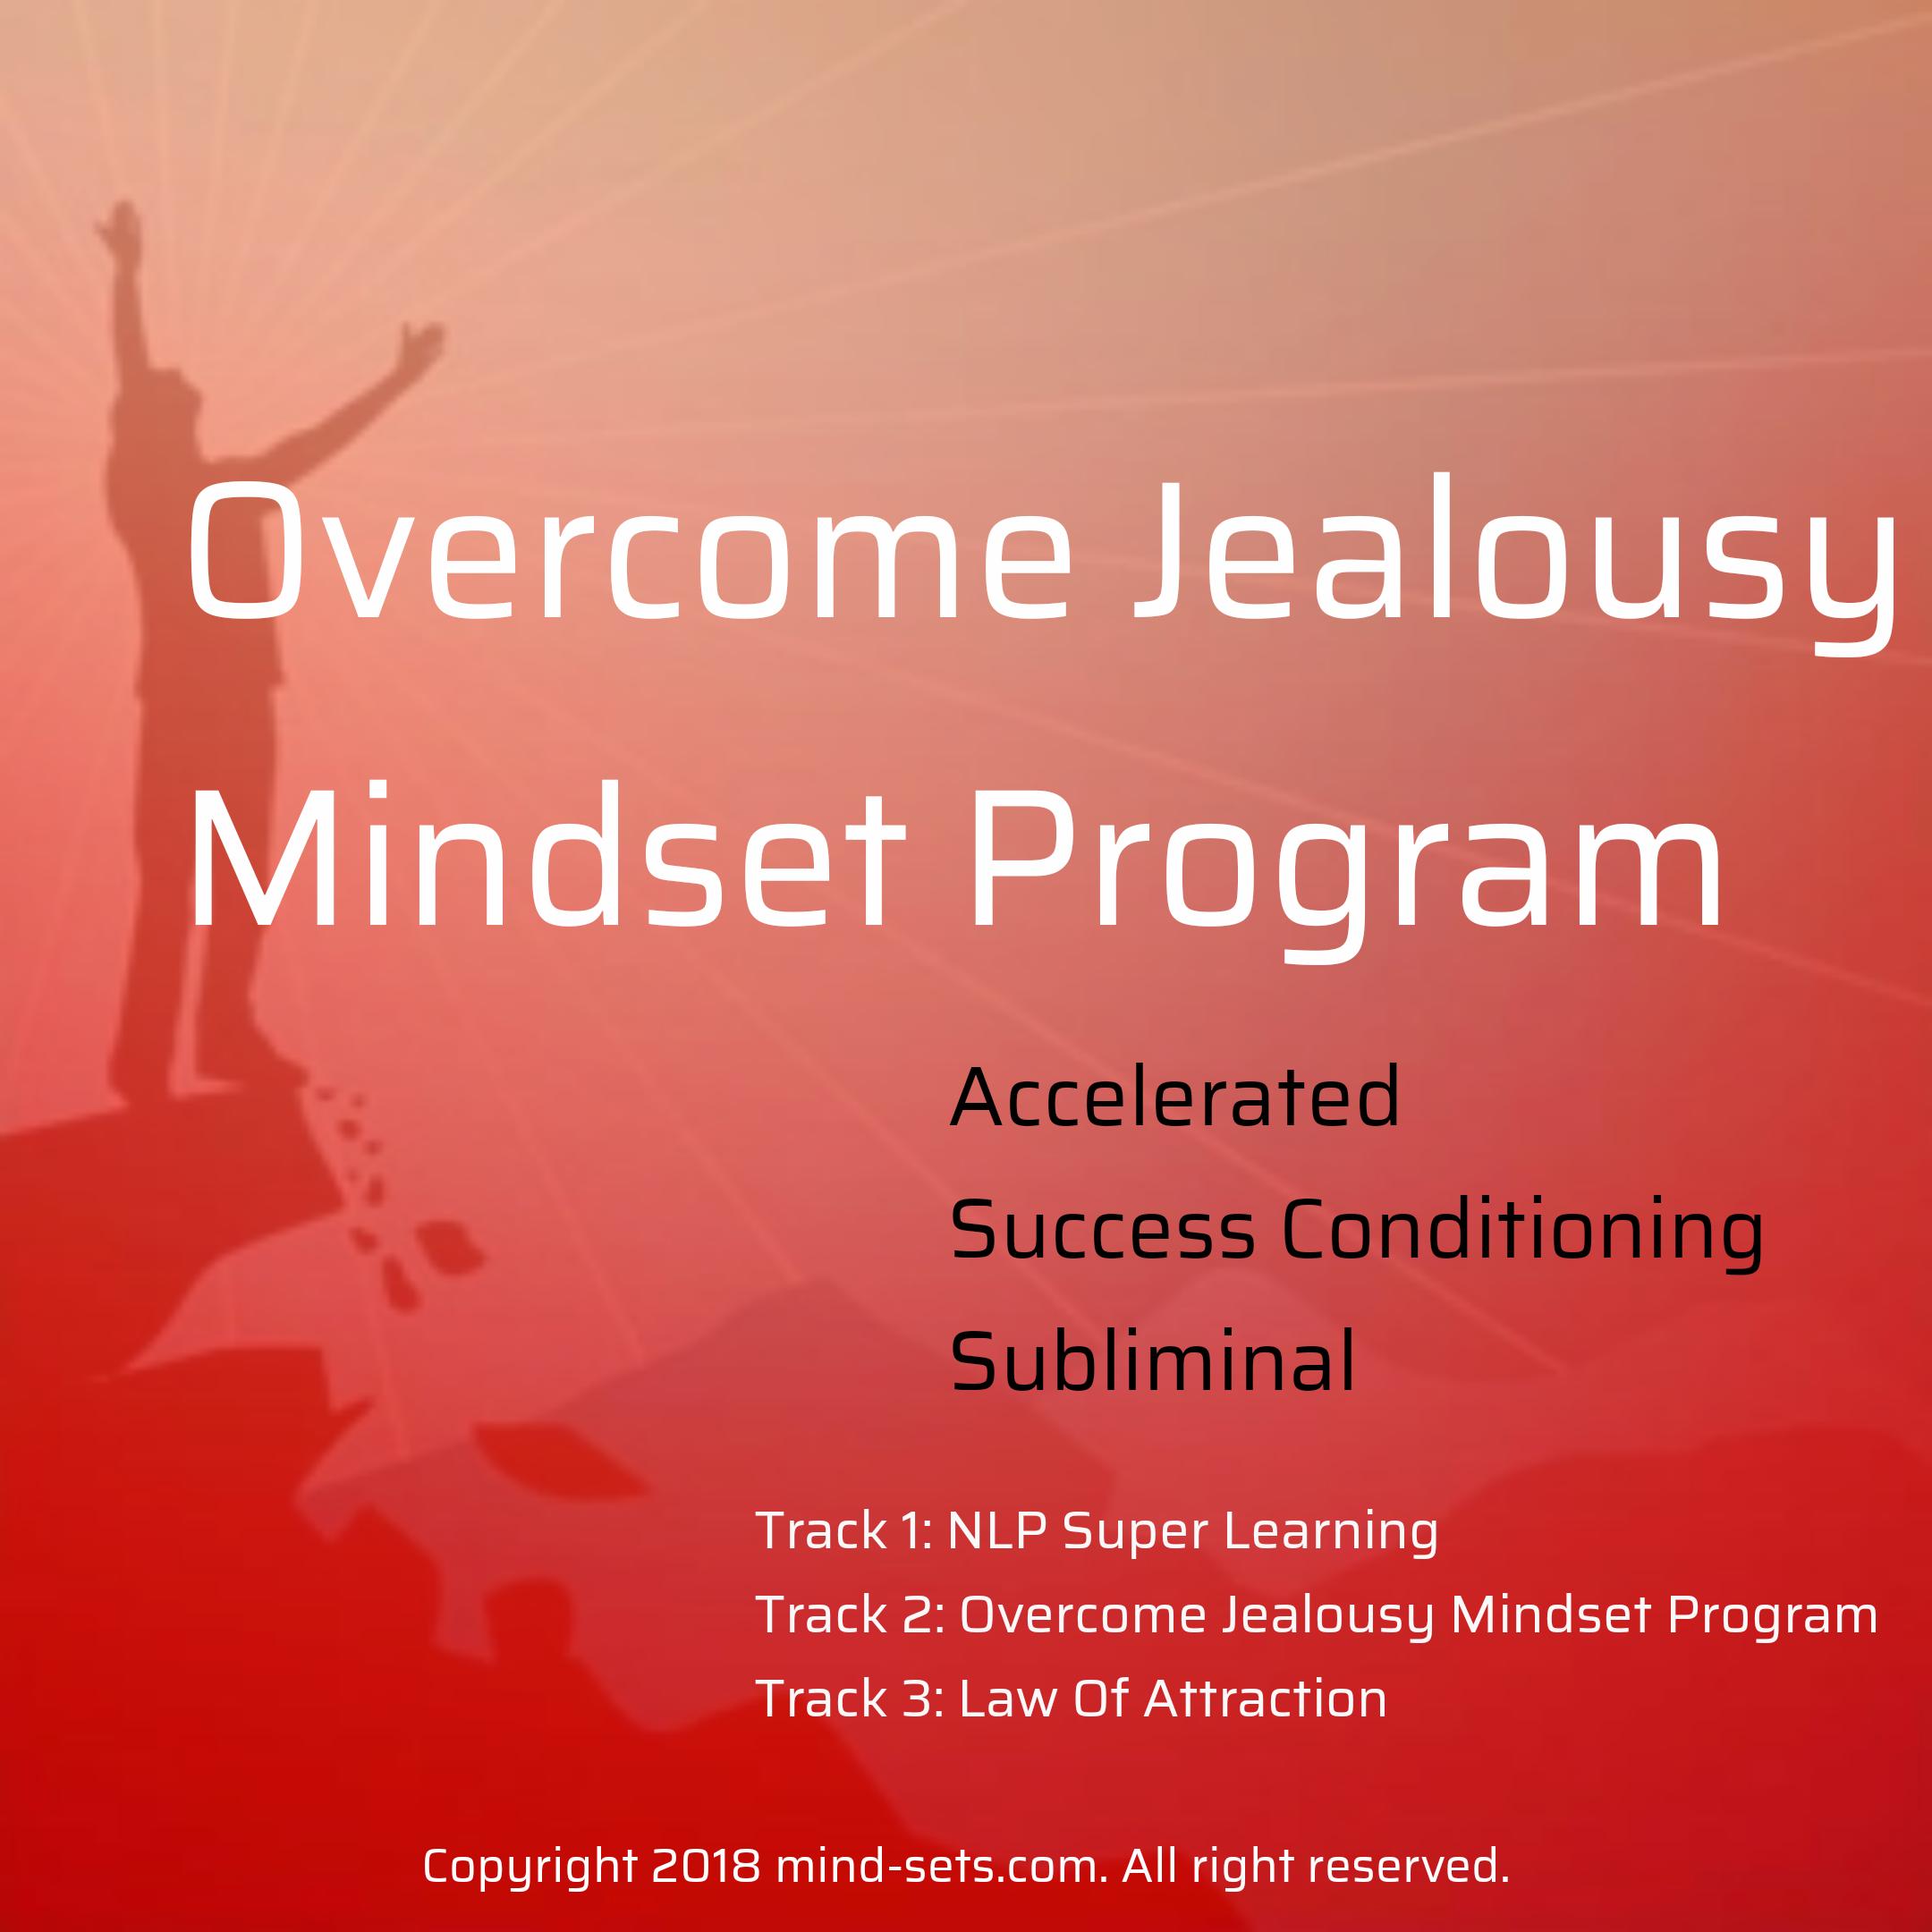 Overcome Jealousy Mindset Program